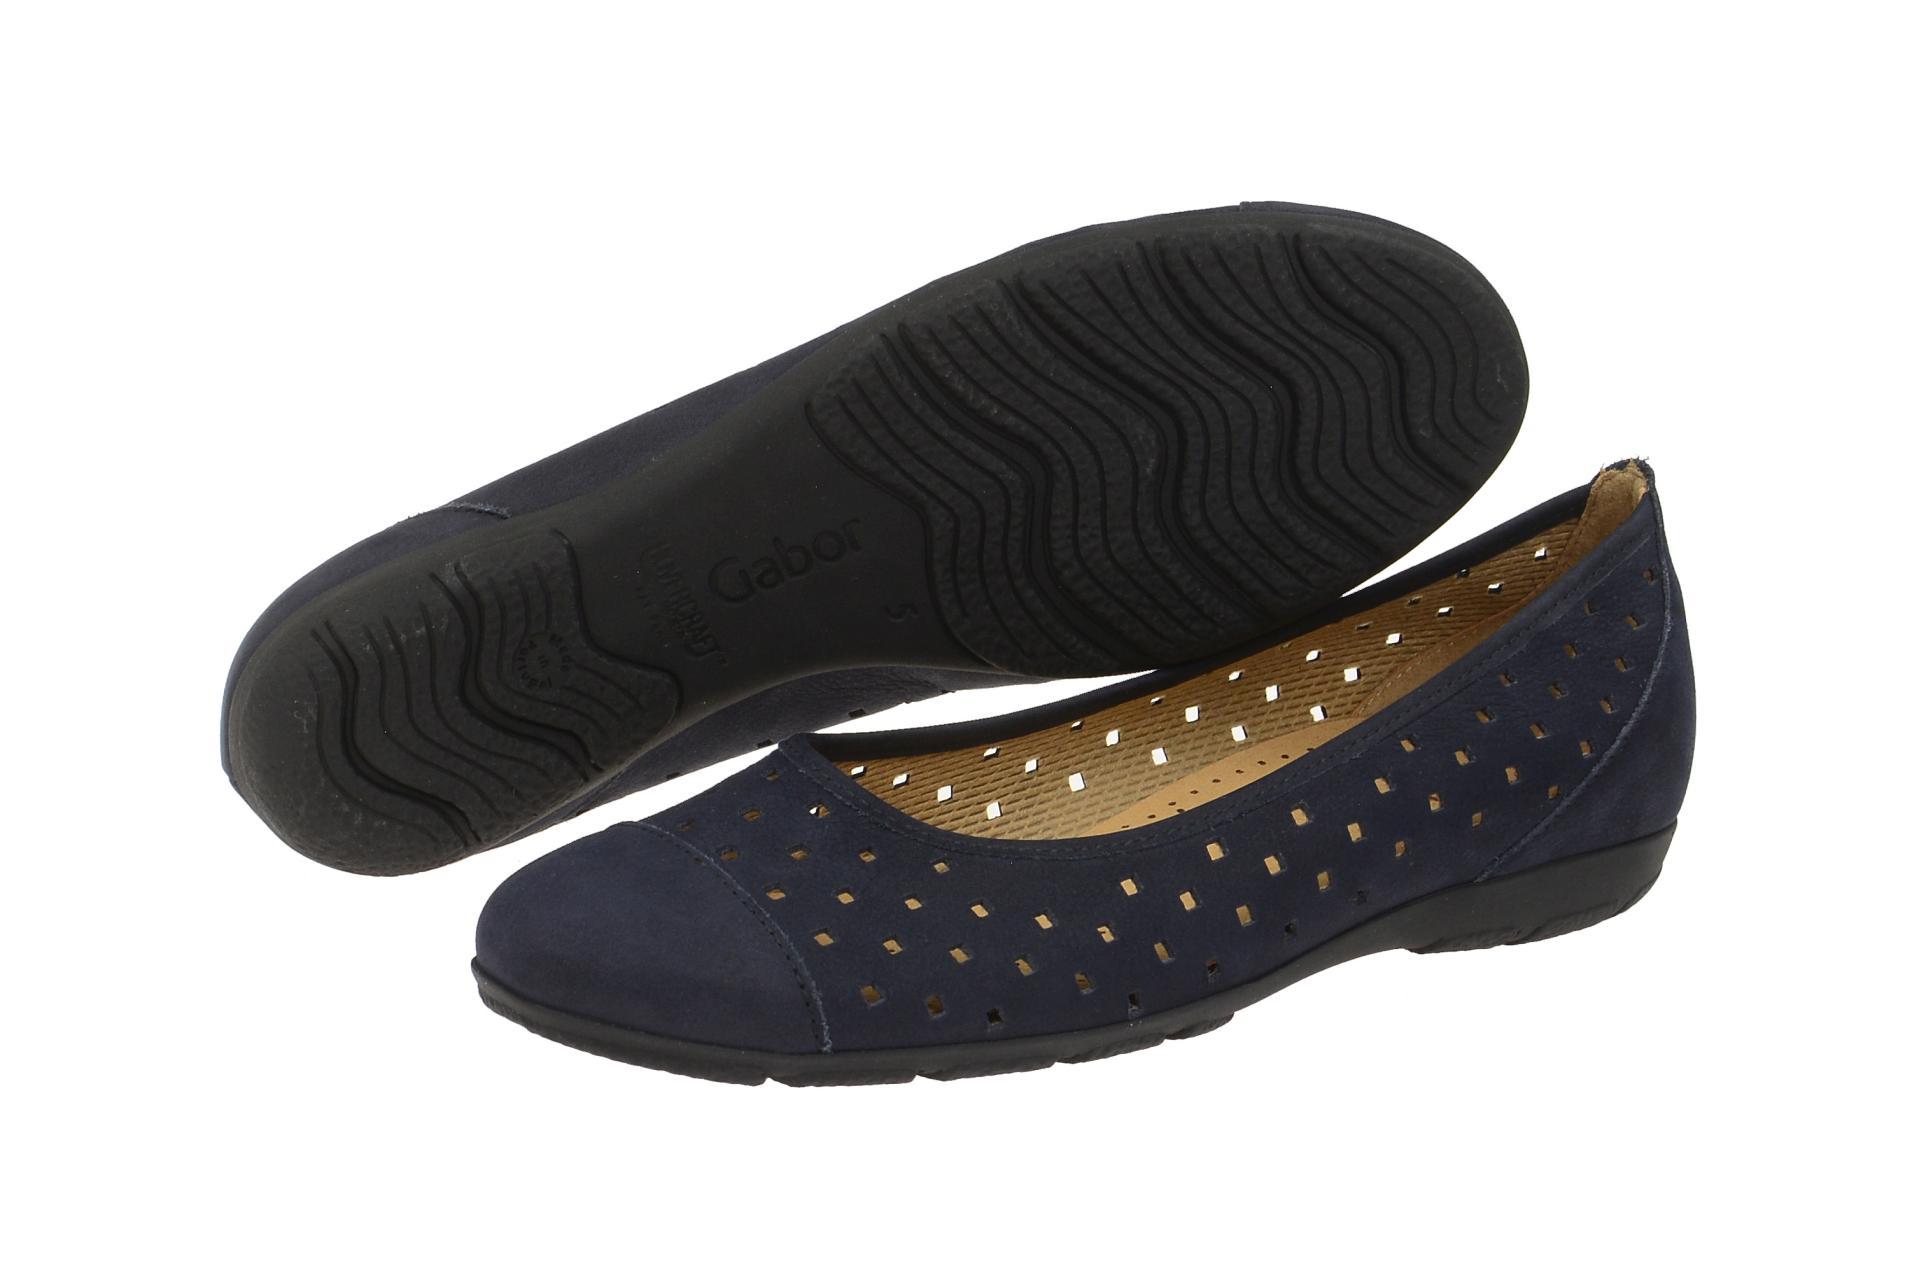 gabor slipper ballerina blau schuhhaus strauch shop. Black Bedroom Furniture Sets. Home Design Ideas